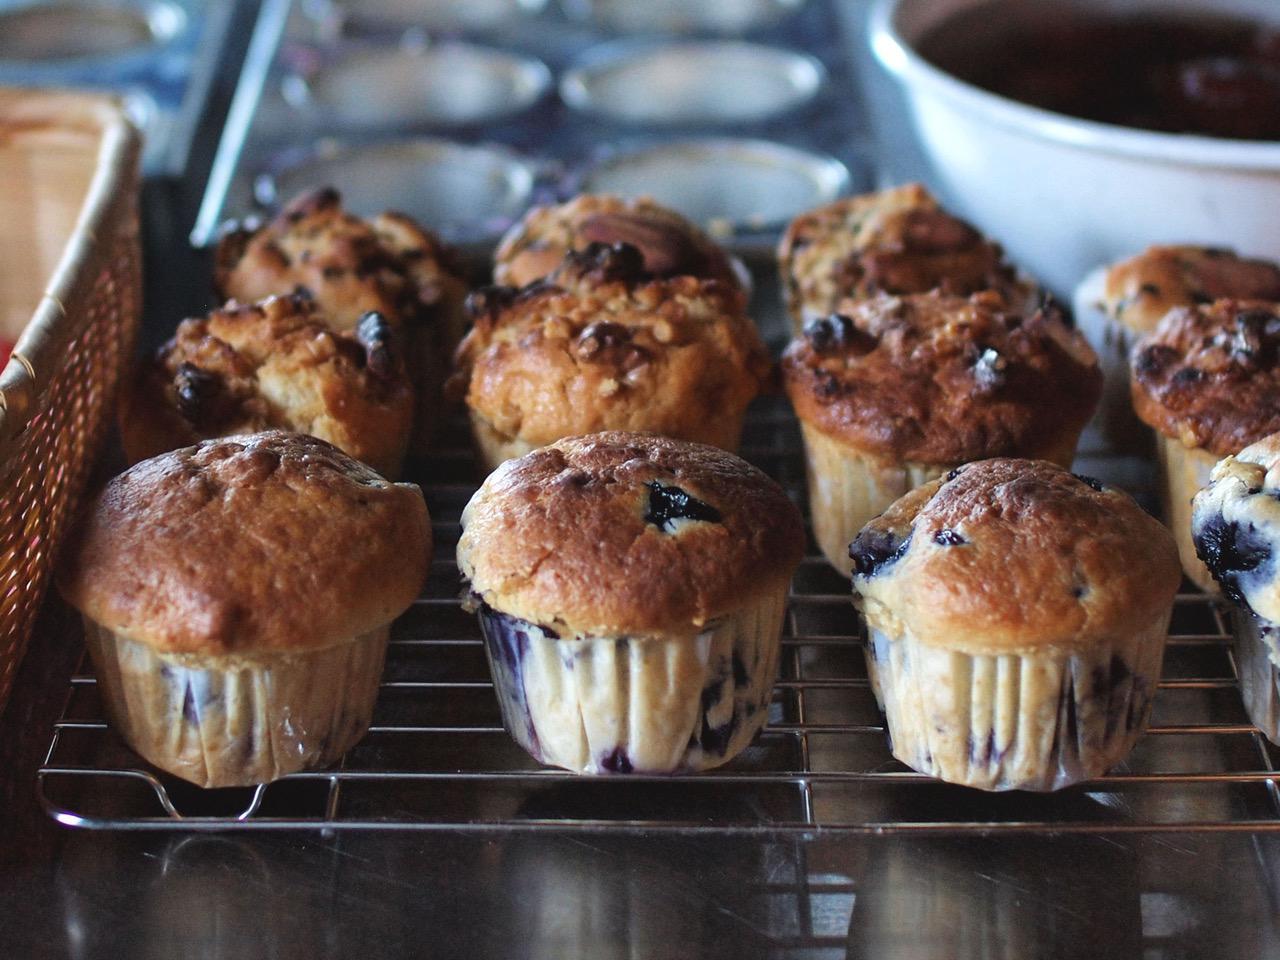 画像: 惜しみなくたっぷりとブルーベリーを混ぜ込んだマフィン。朝食やおやつや、おすそ分けに